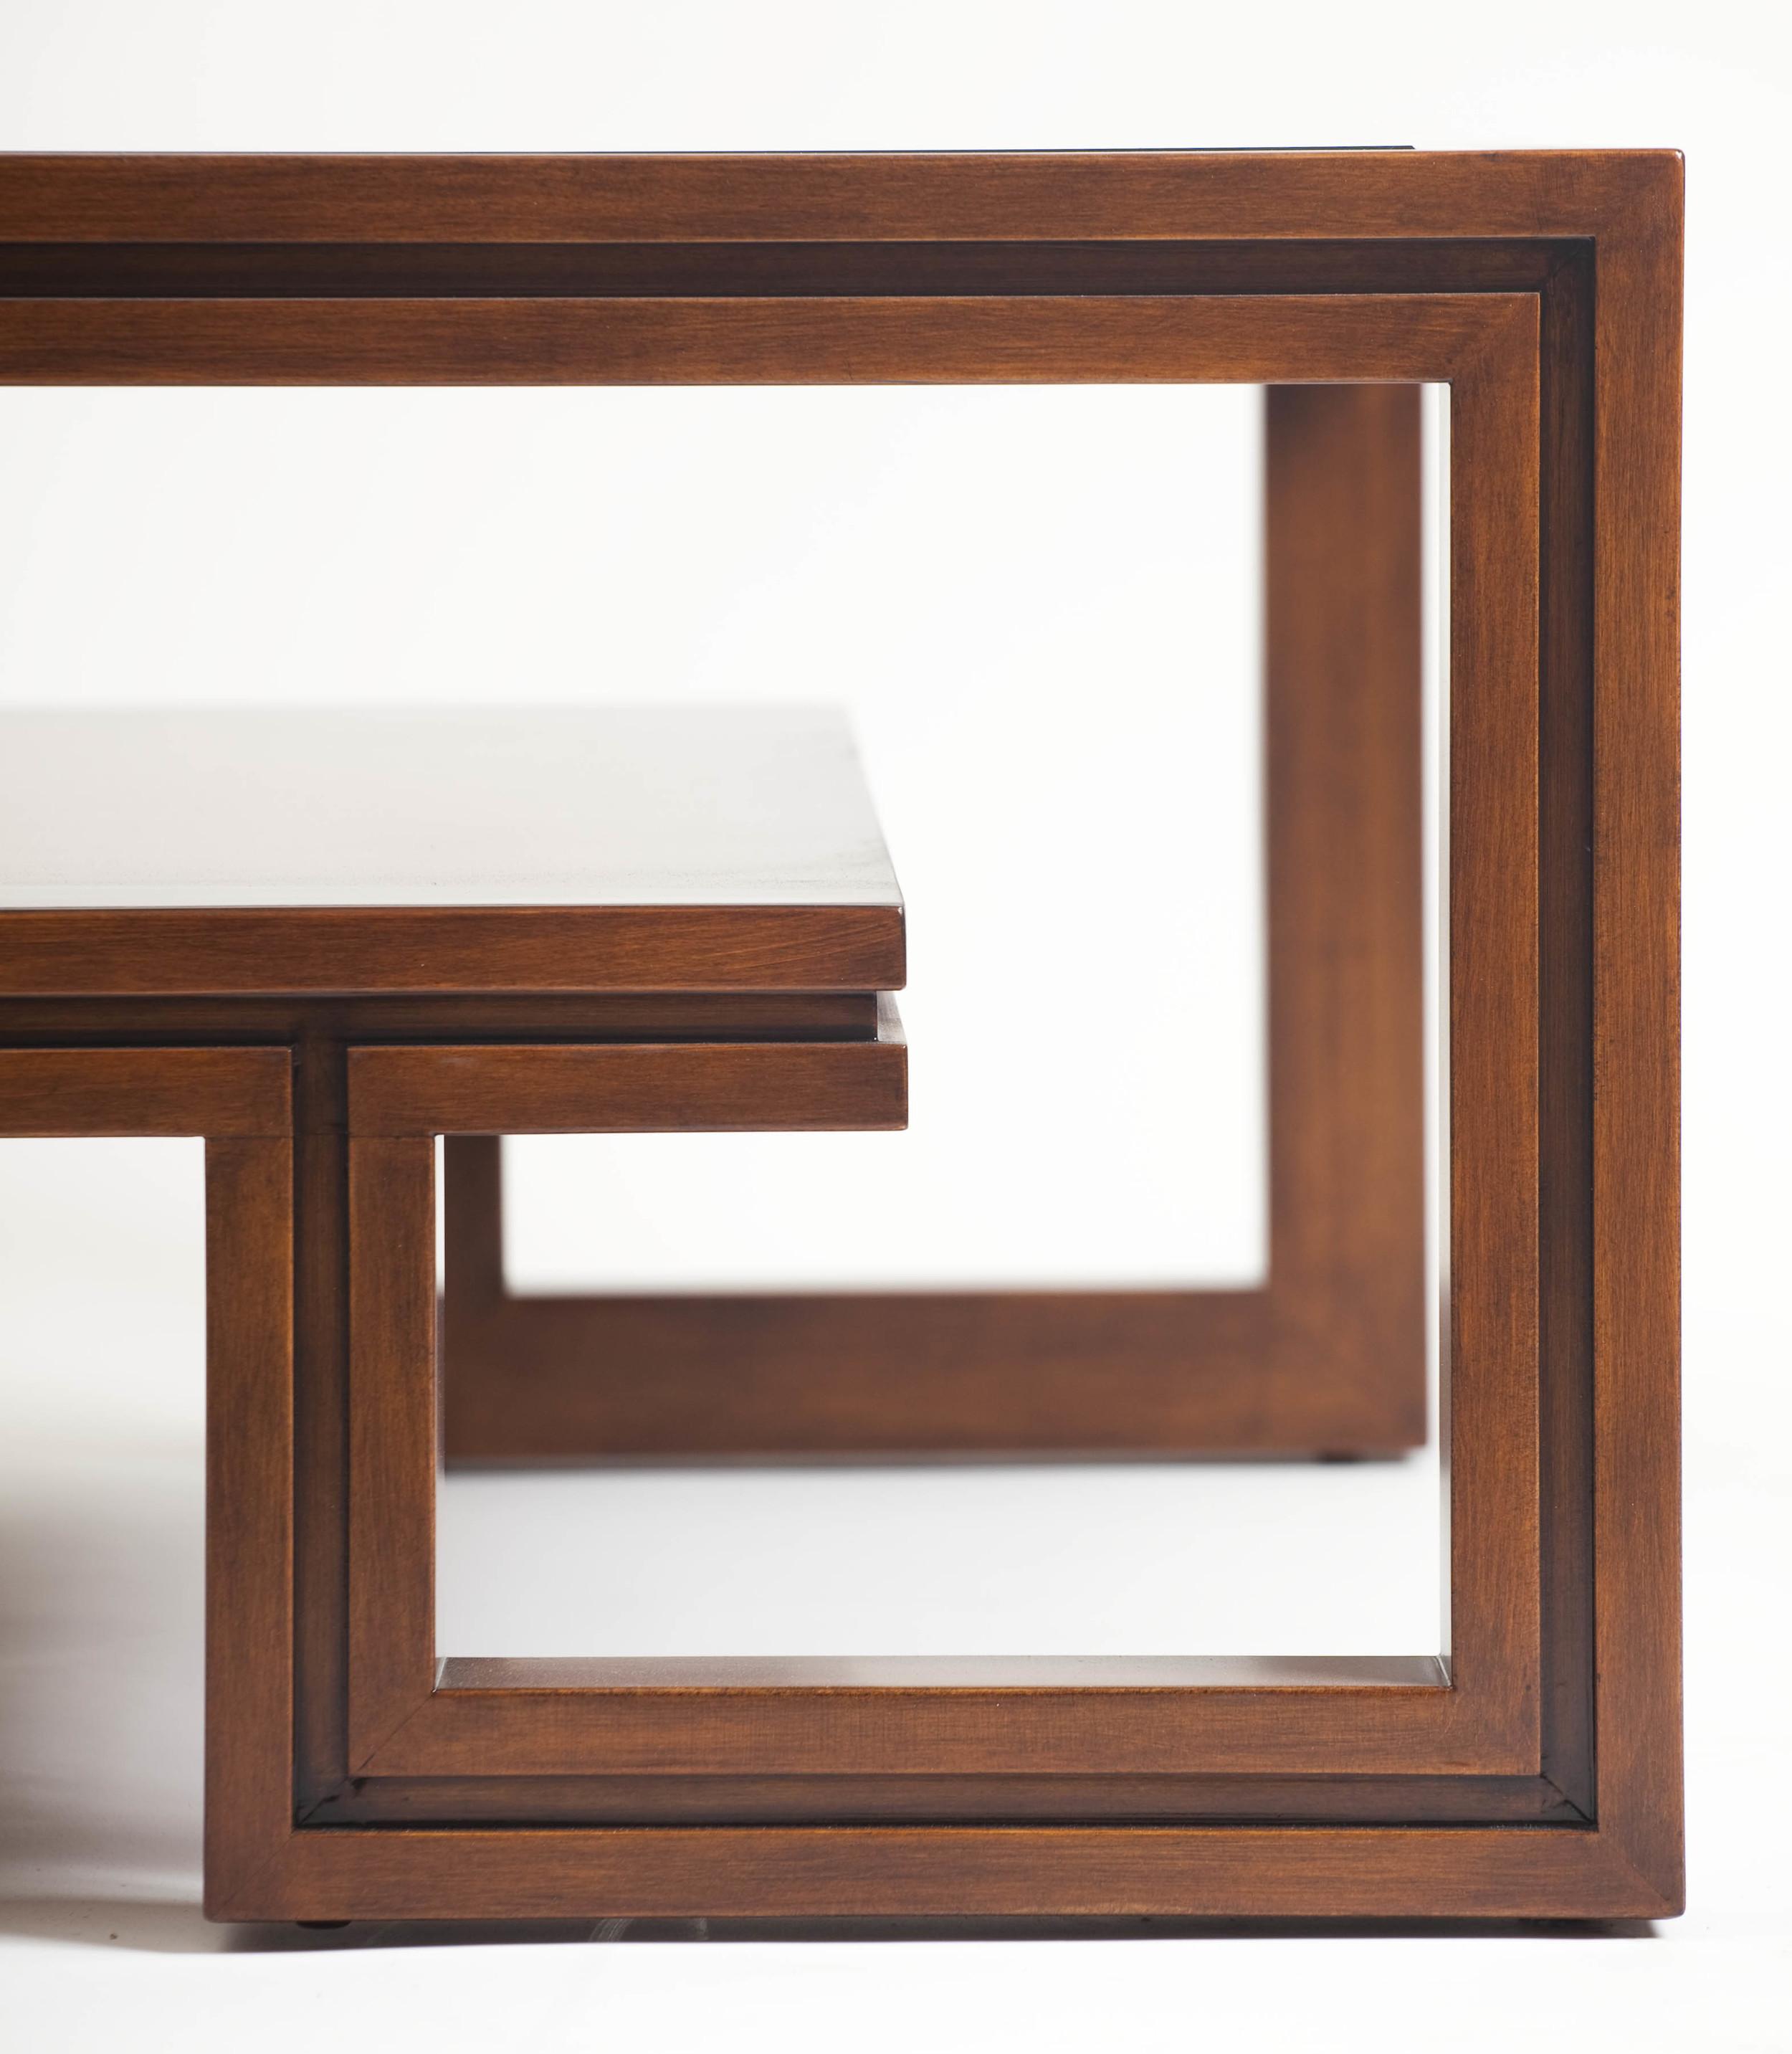 Duncan coffee table detail.jpg